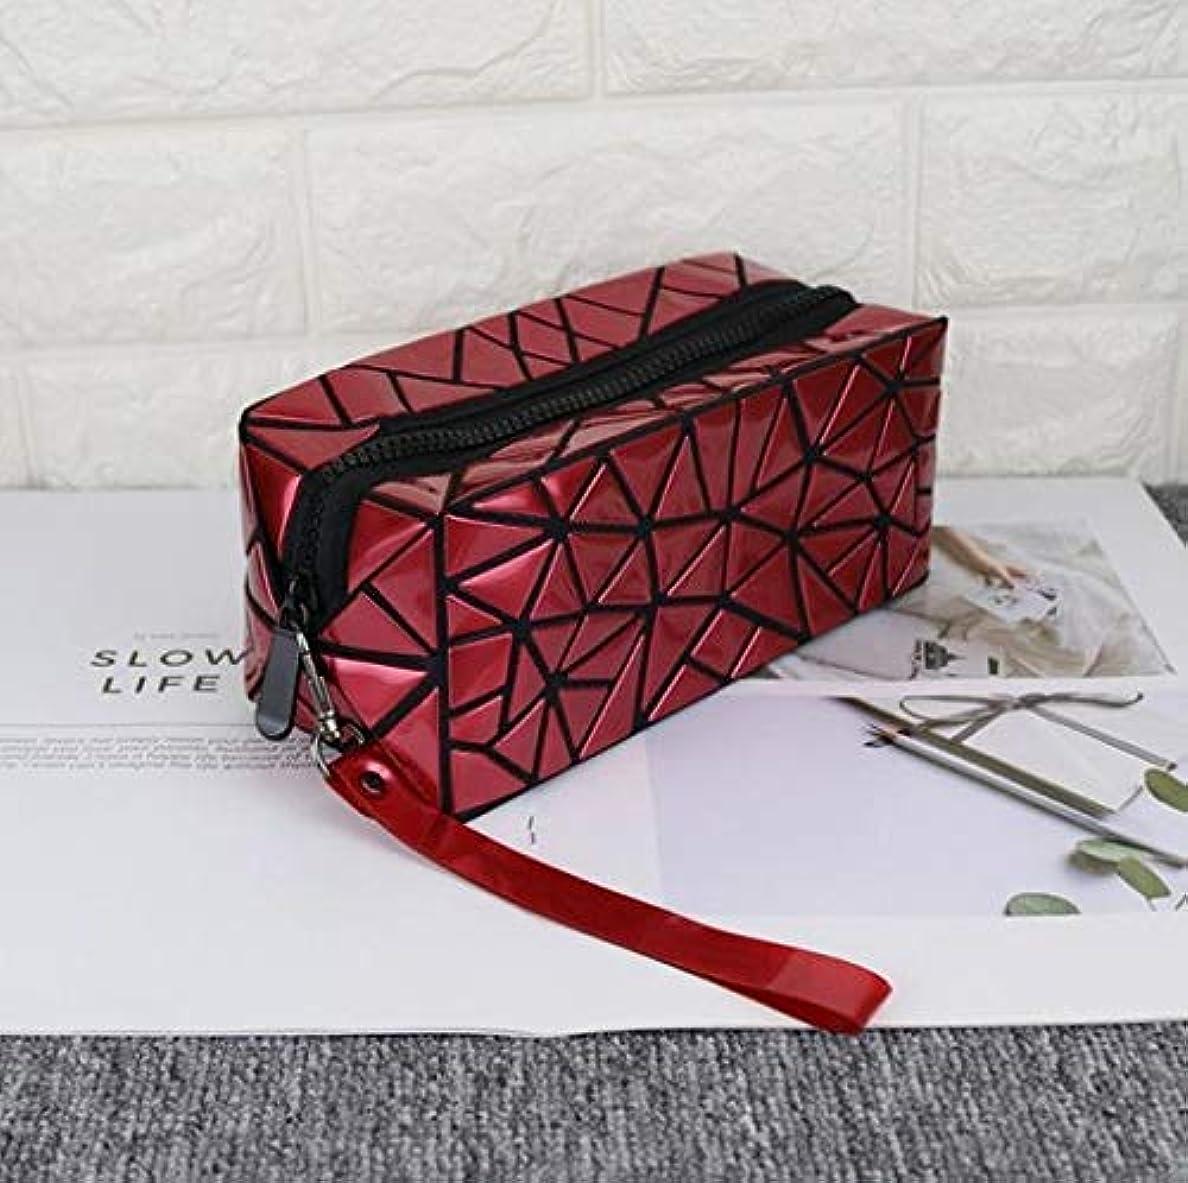 組み込む暫定電気Portable Makeup Bag LLPレーザー折り畳み式の幾何学Lingge防水ポータブルレディーコスメティックバッグガールポータブル大容量(ブラック) (色 : Burgundy)